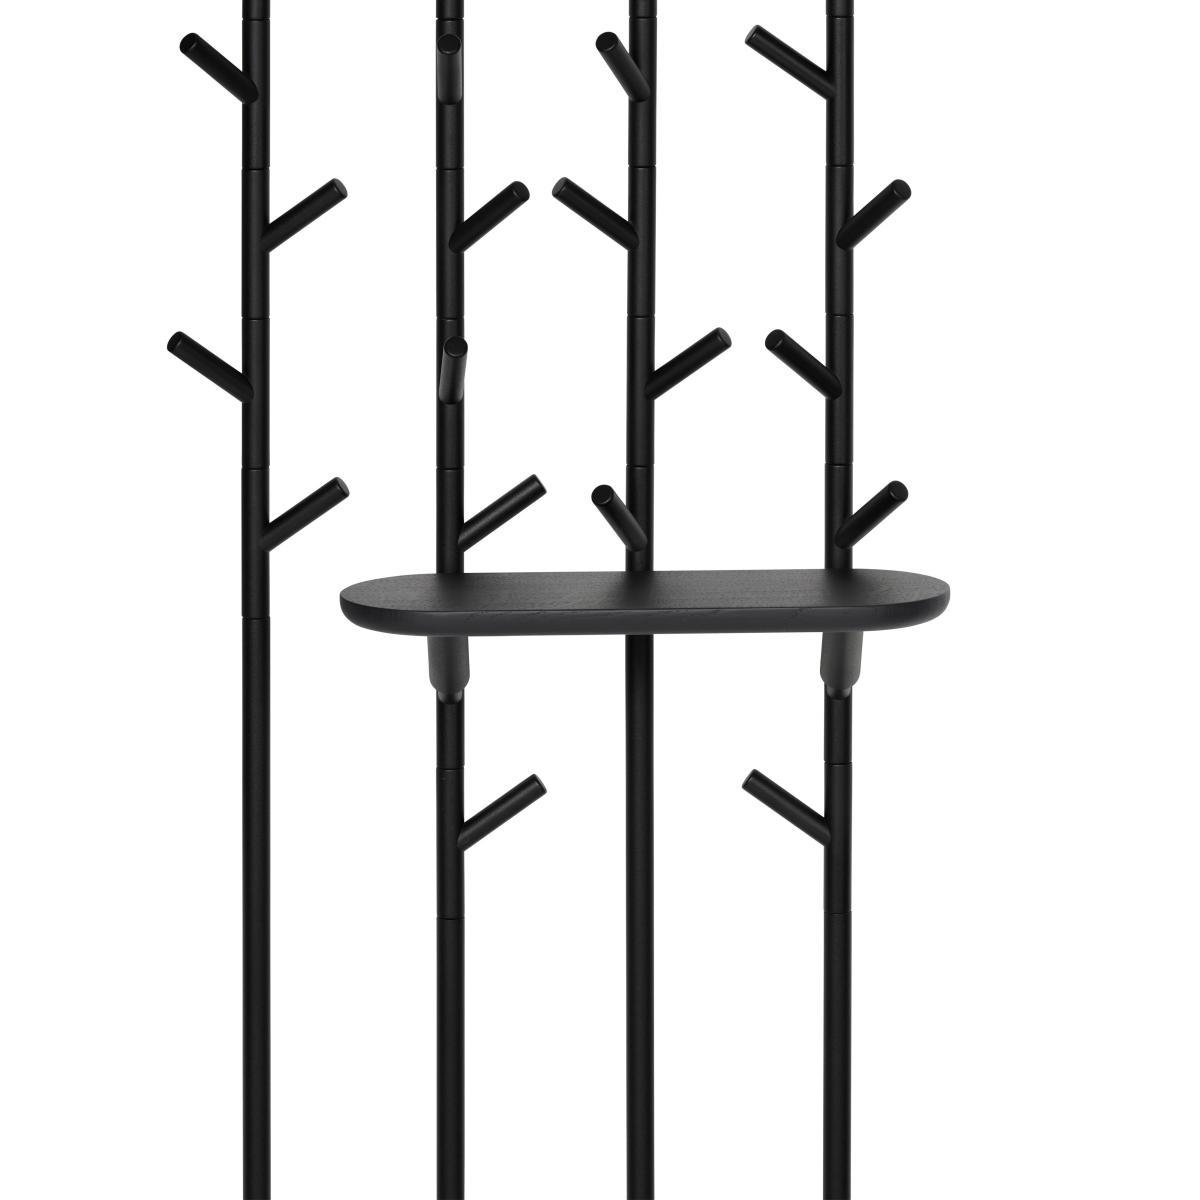 SUMI Wandgarderobe mit Ablage lang, schwarz